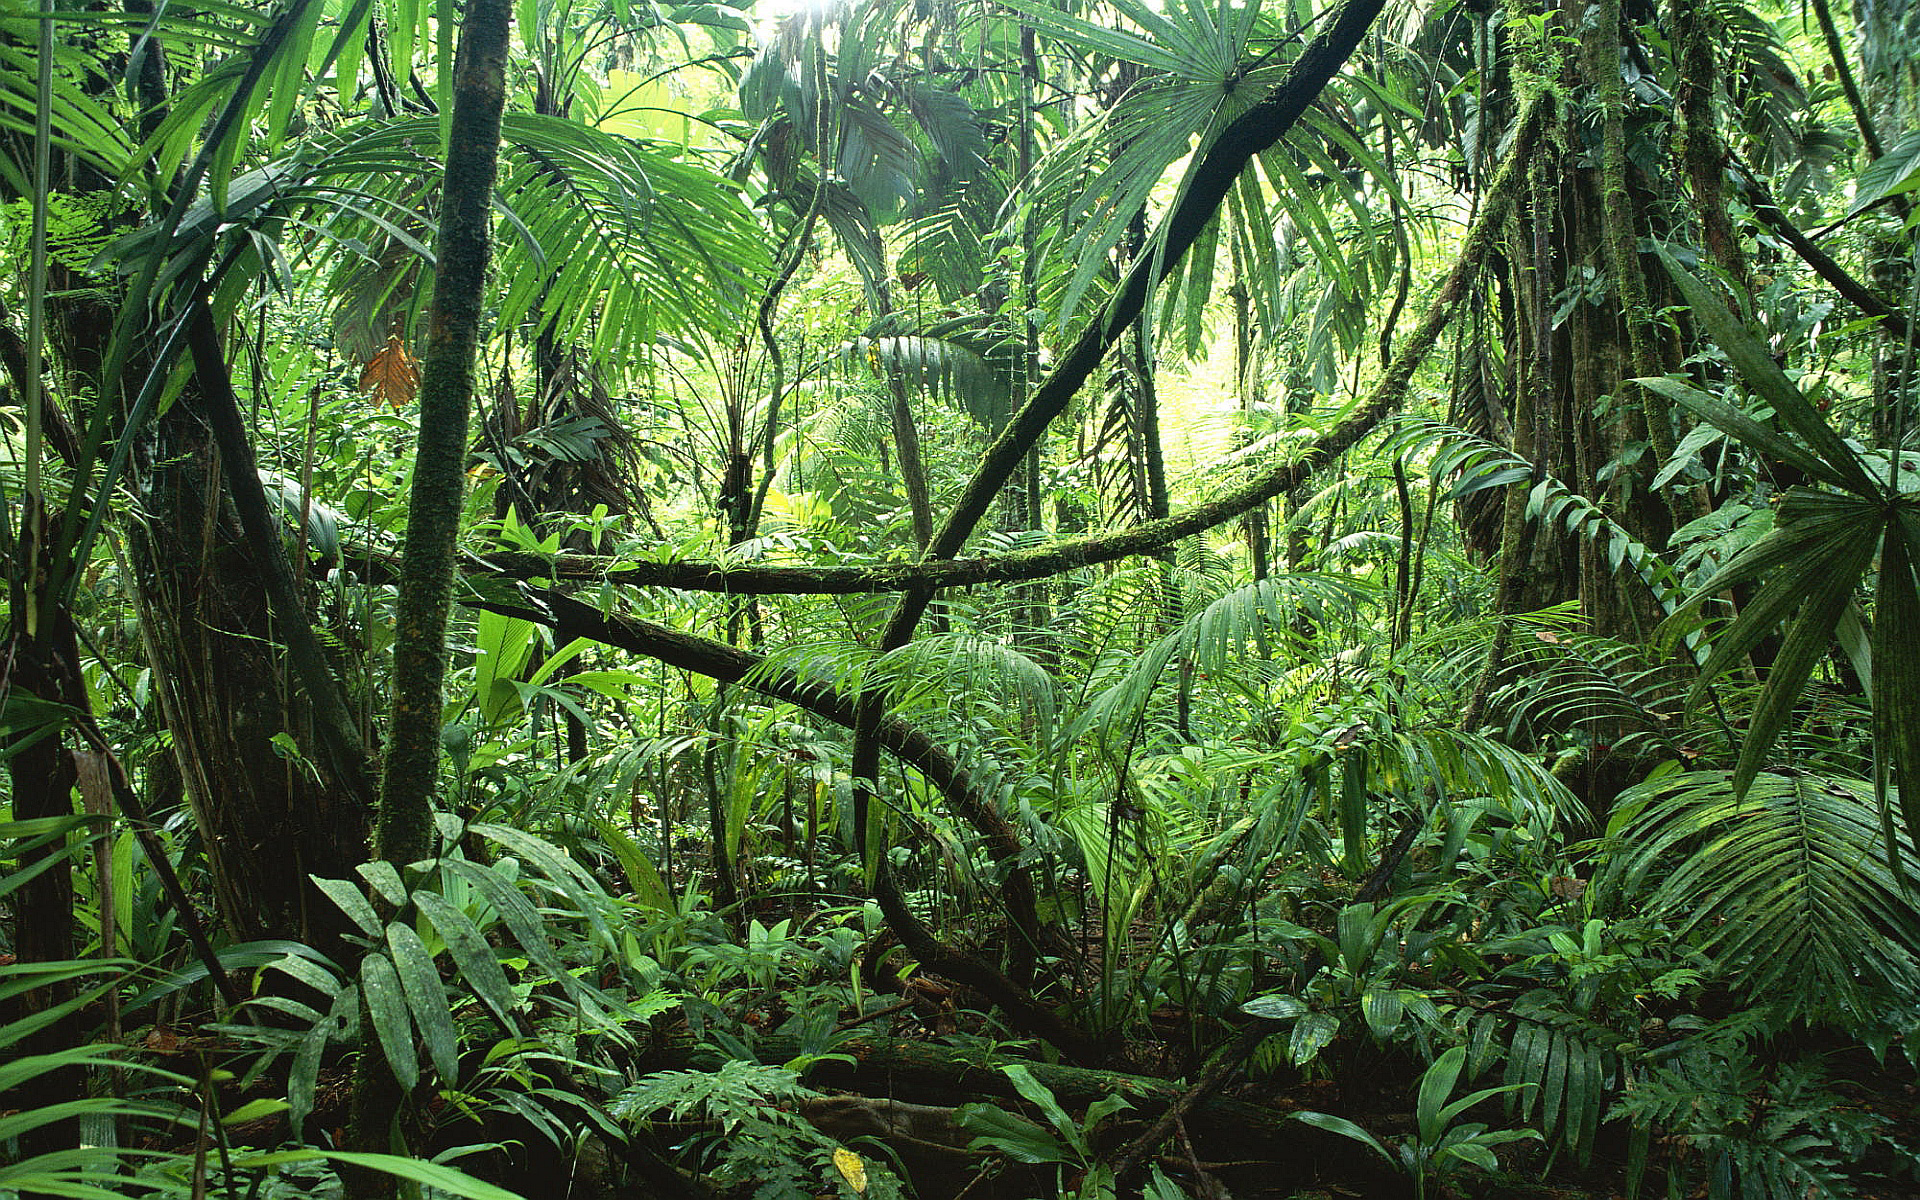 Beautiful Jungle Photo